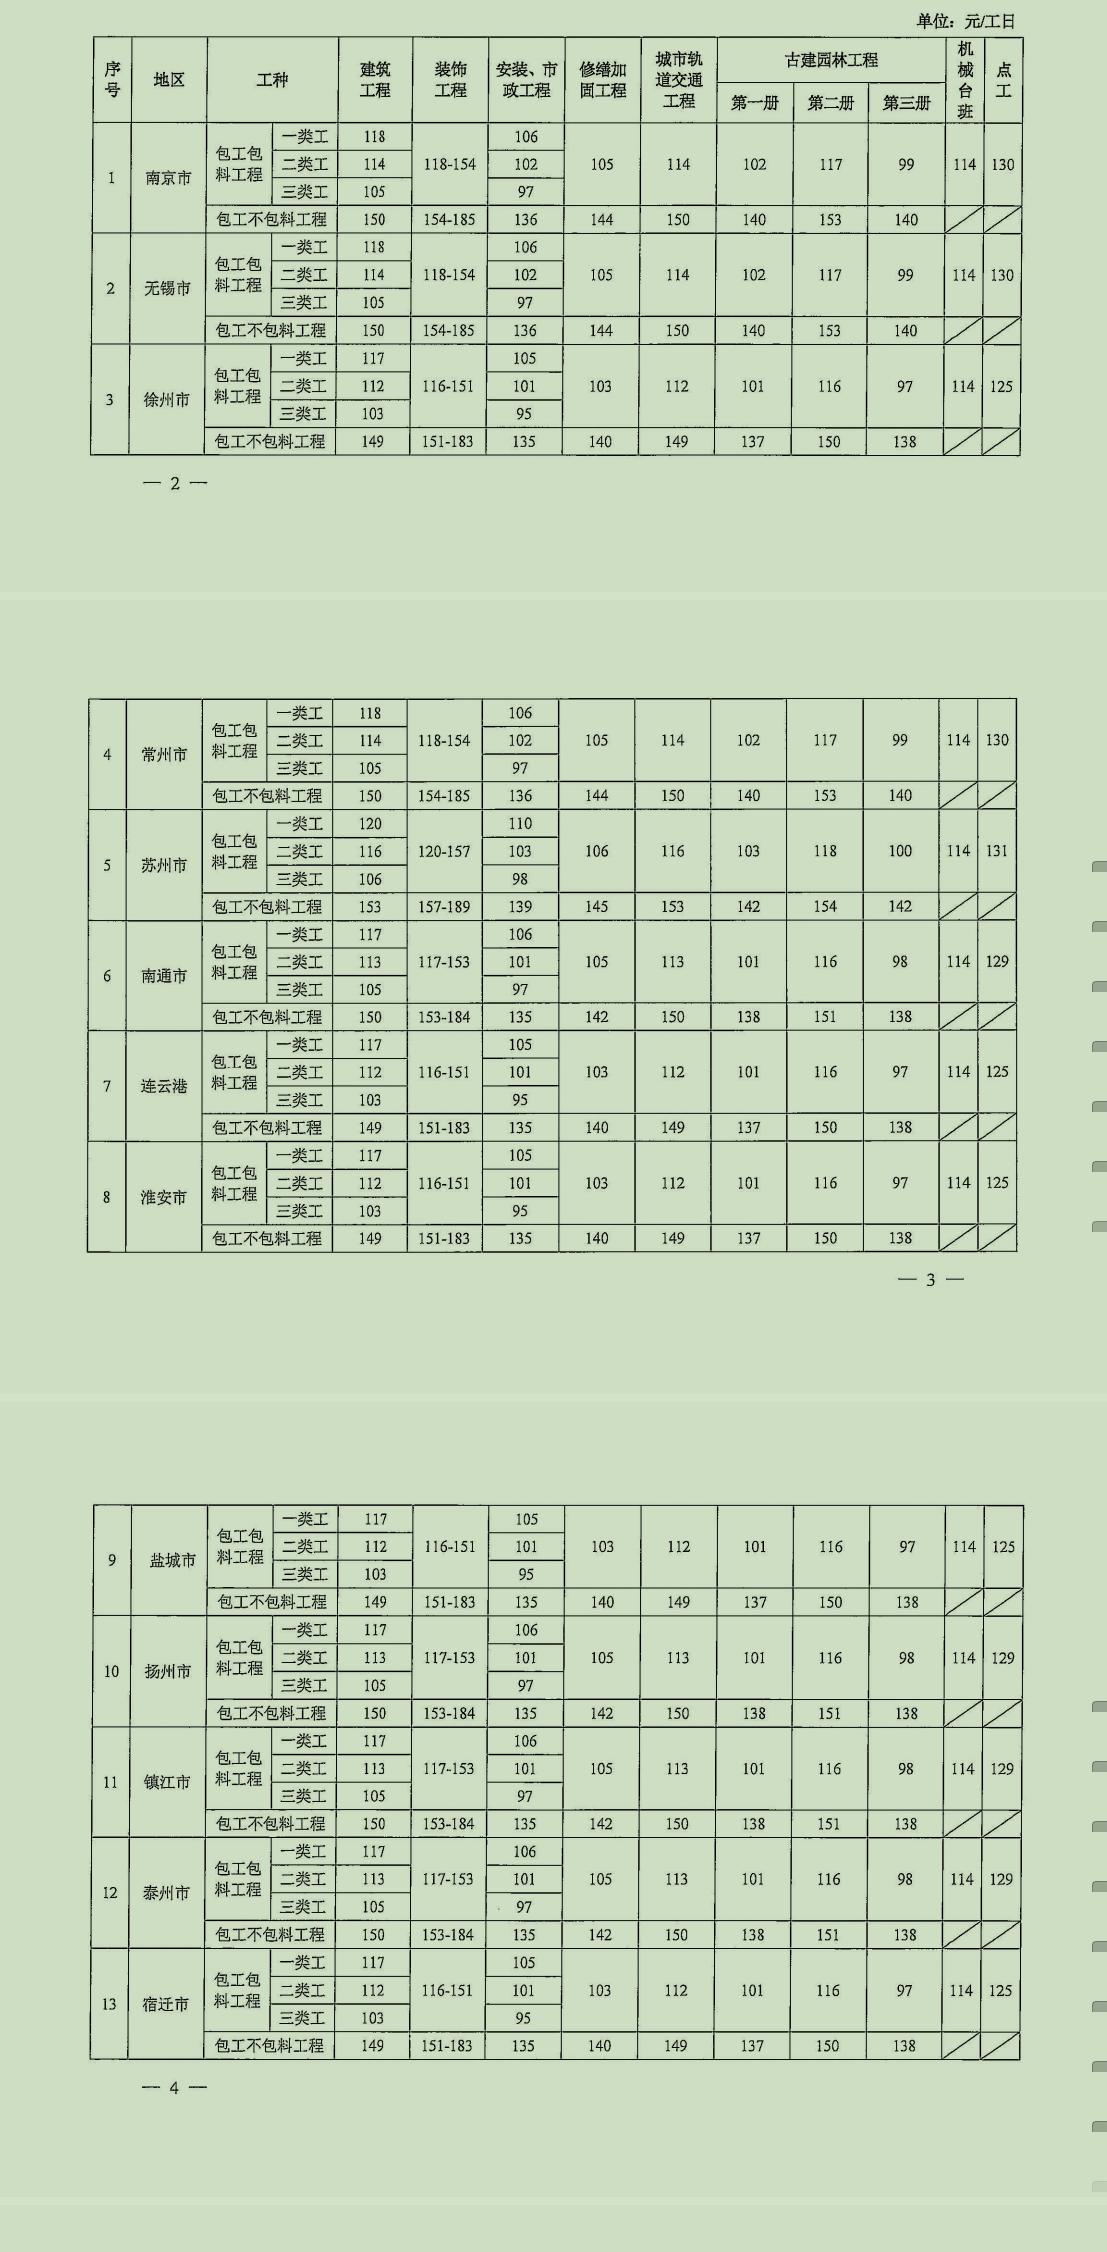 江苏省发布建设工程人工工资指导价的通知(苏建函价〔2021〕379号)